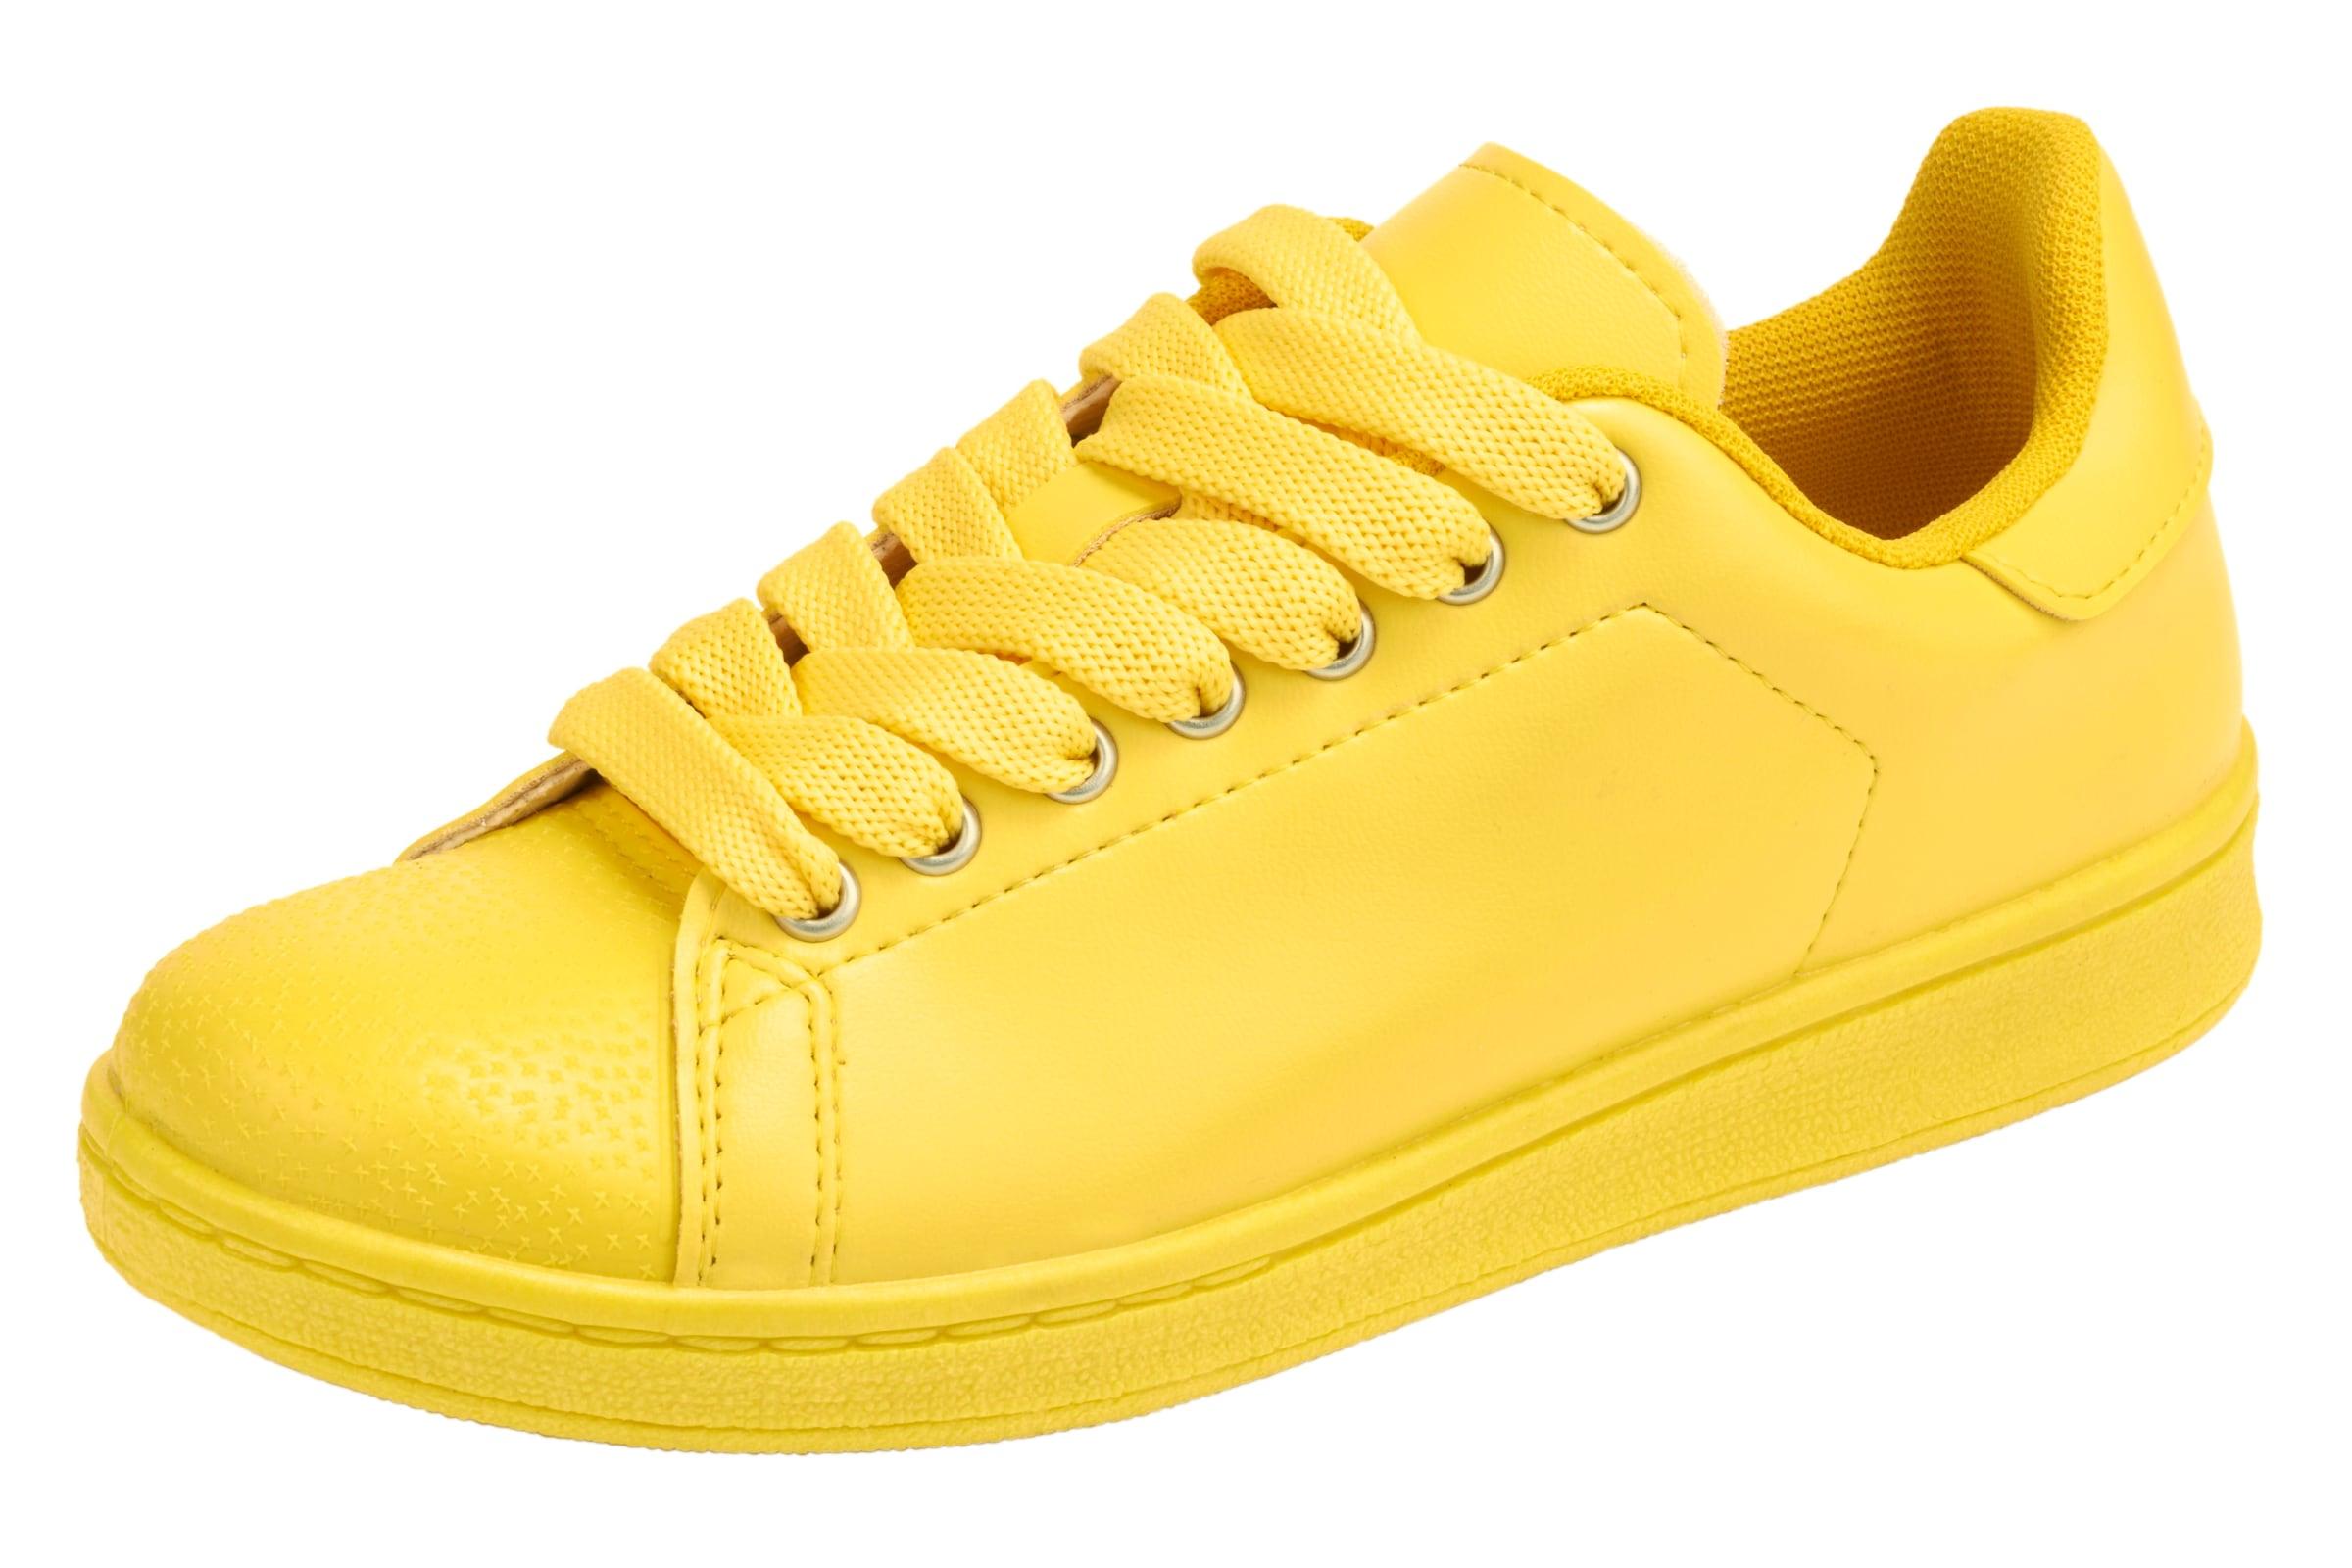 heine Heine Sneaker, gelb, gelb